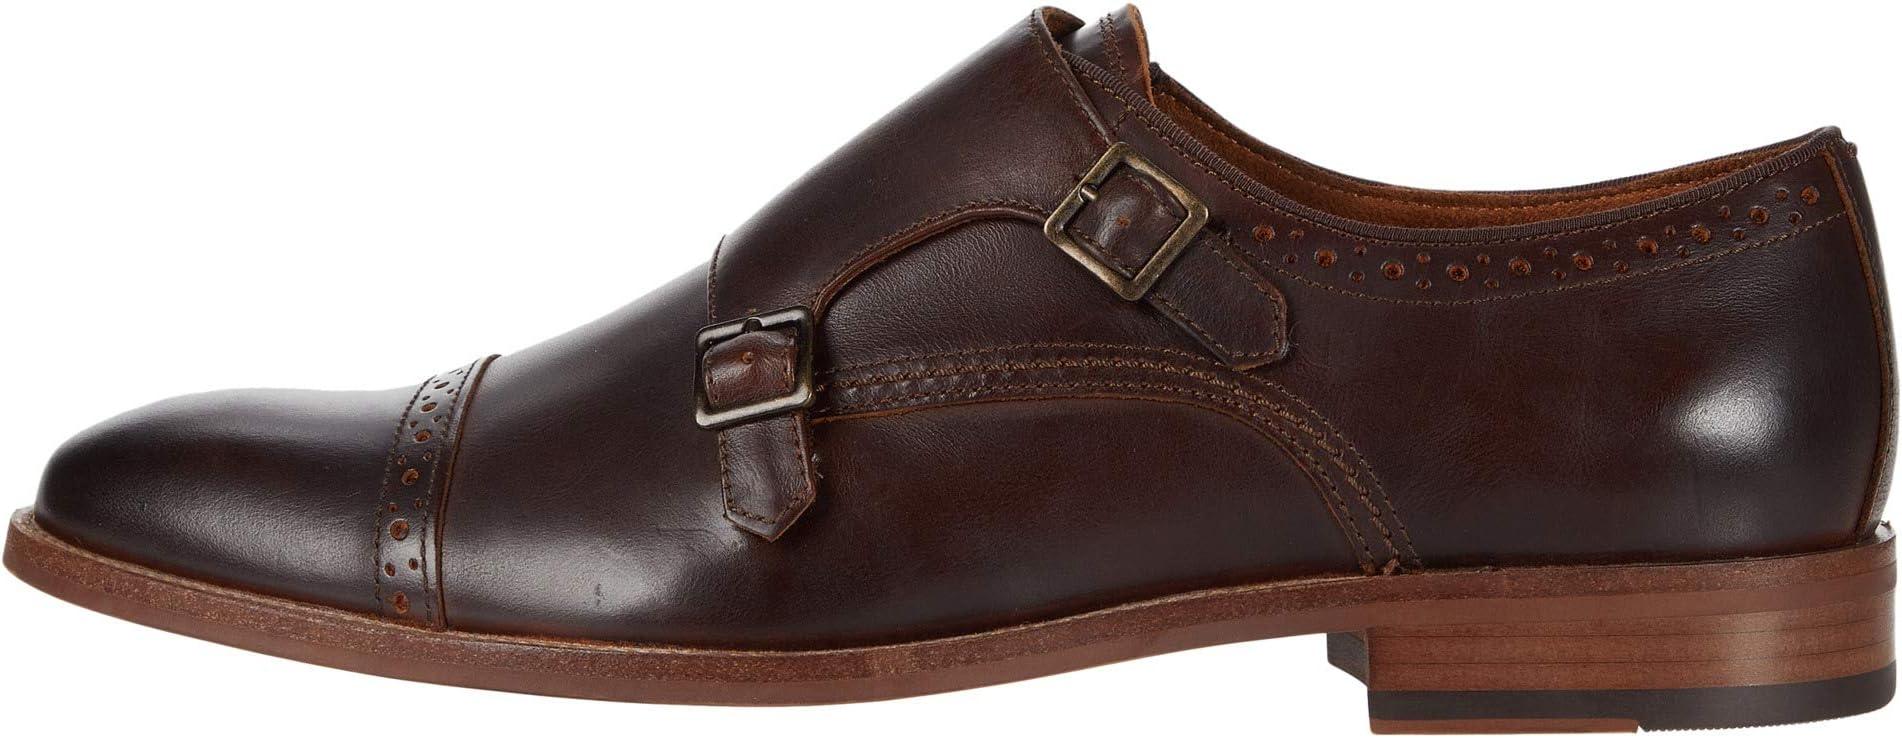 ALDO Unerrallan | Men's shoes | 2020 Newest